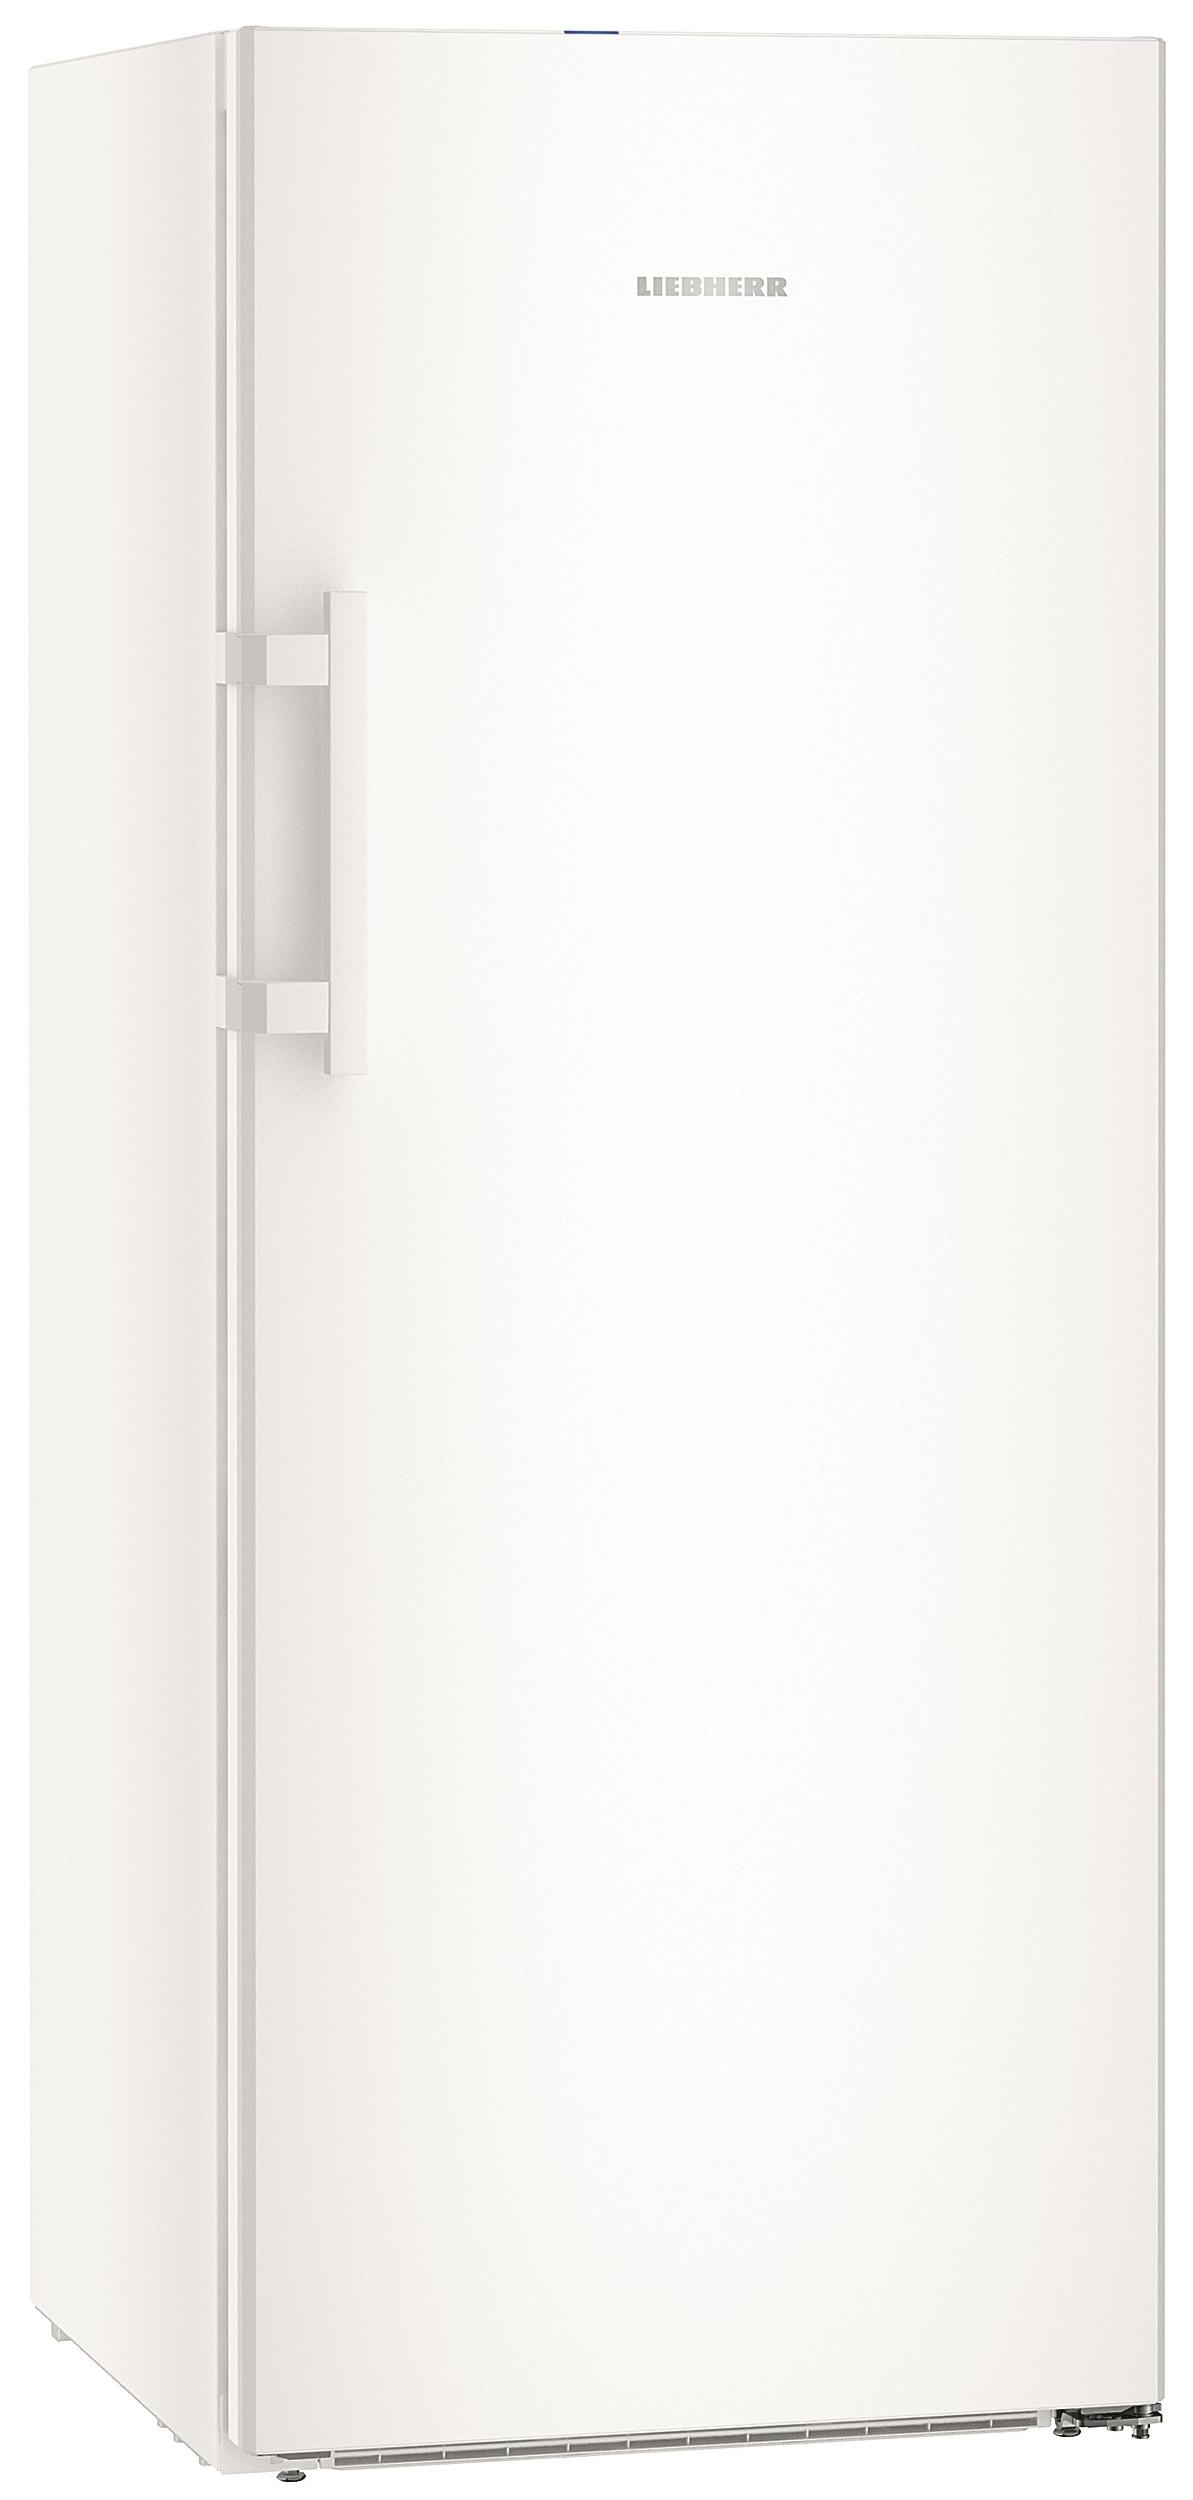 Морозильная камера LIEBHERR GN 4615 20 White